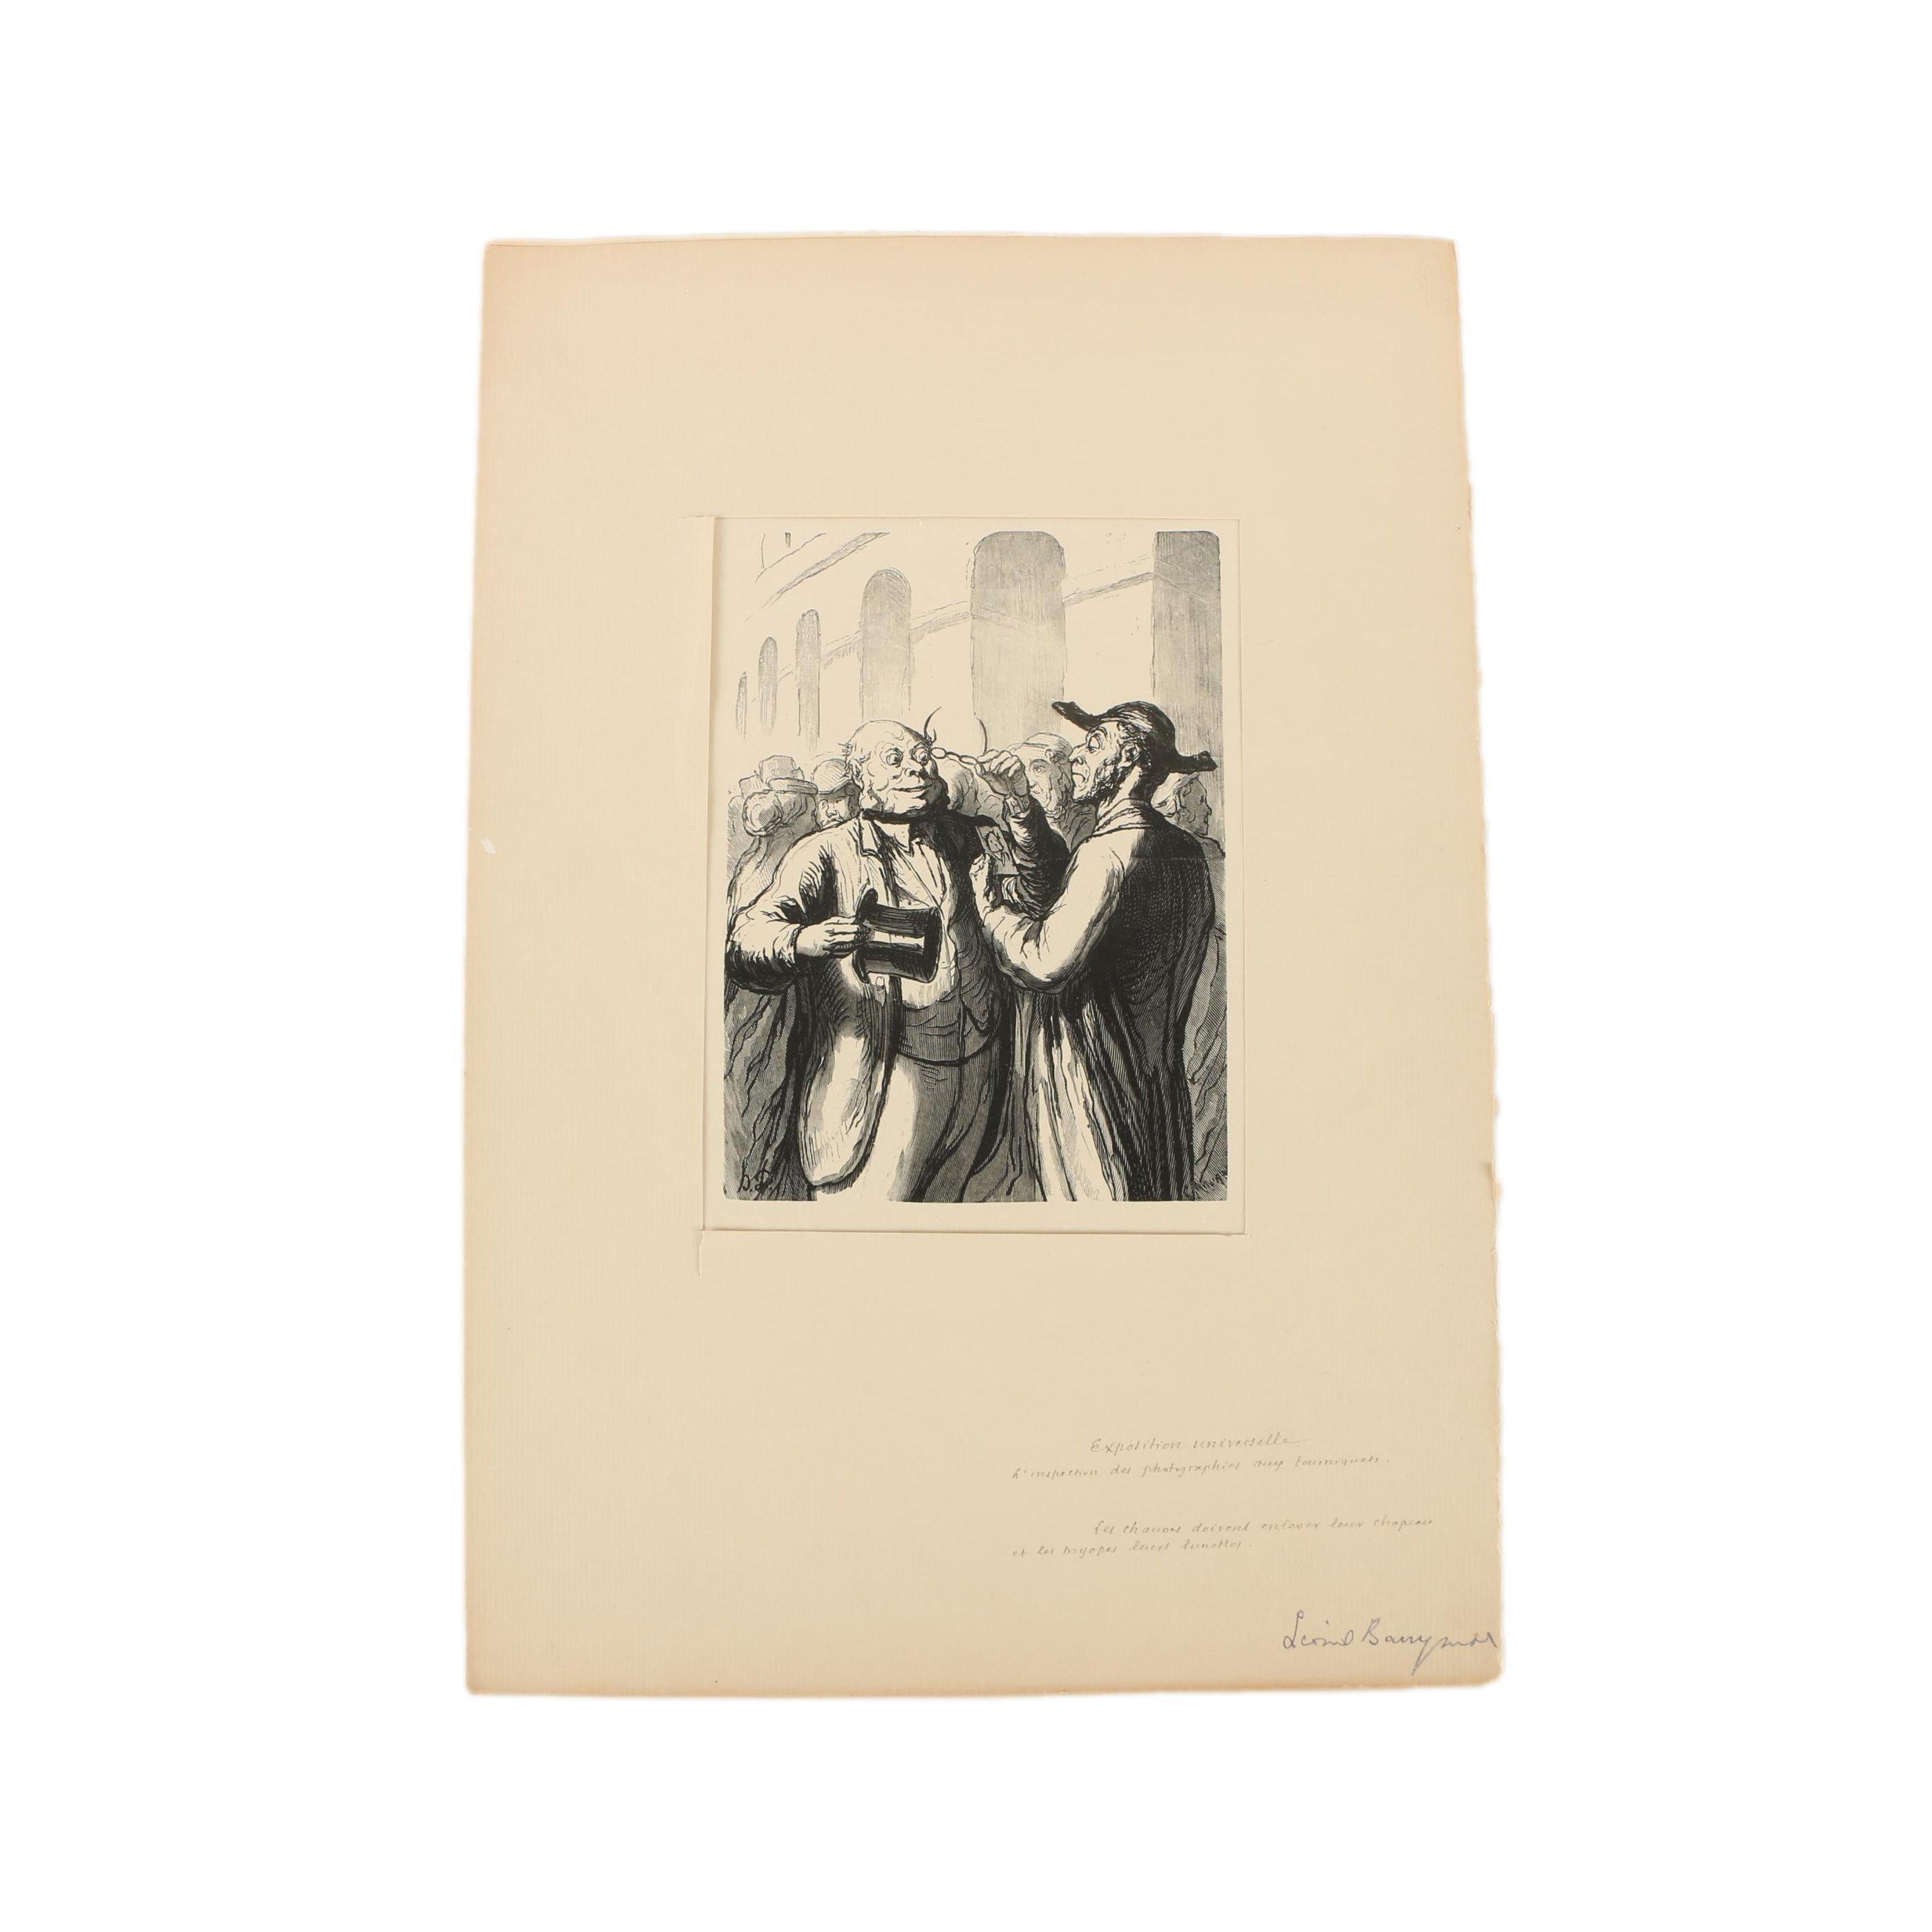 Auguste Lepère Limited Edition Wood Engraving after Honoré Daumier